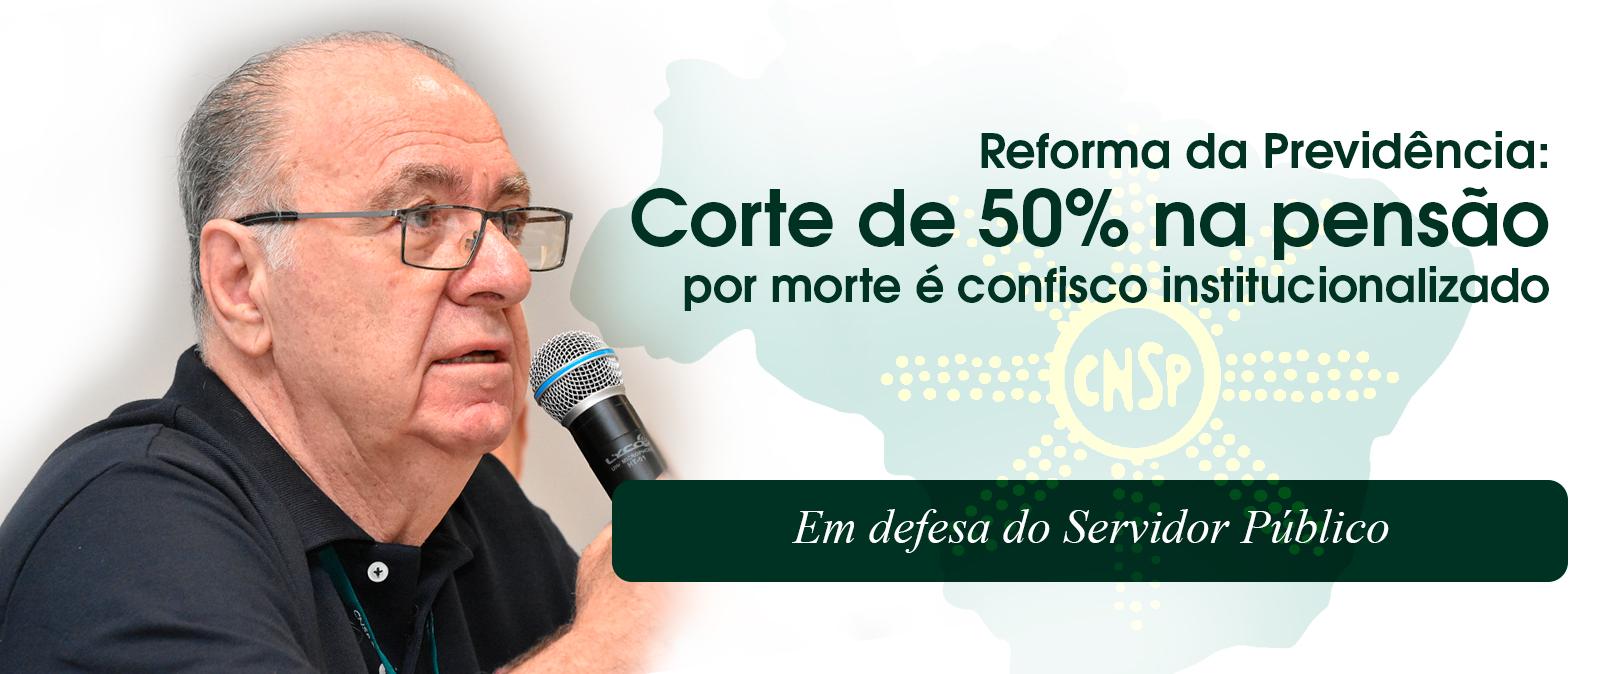 Reforma da Previdência: Corte de 50% na pensão por morte é confisco institucionalizado